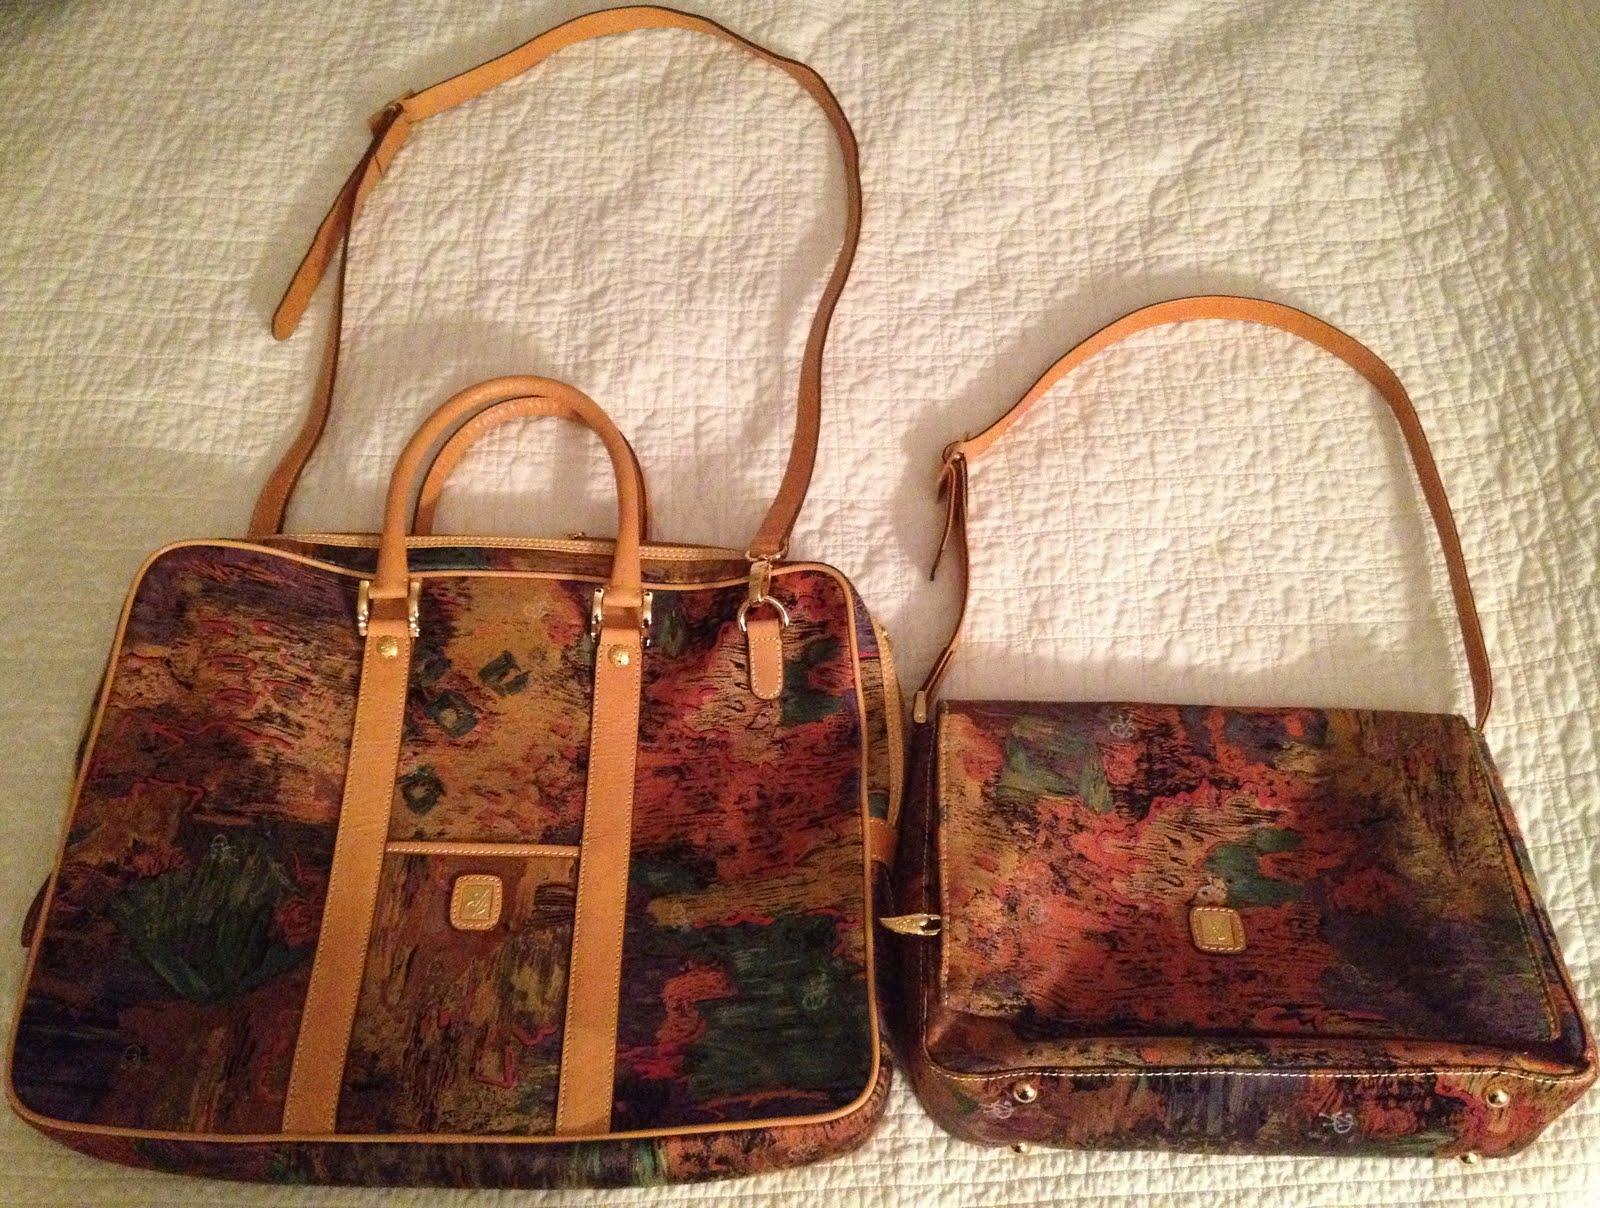 Ebay Pics Vincent Van Gogh Travel Handbag Set